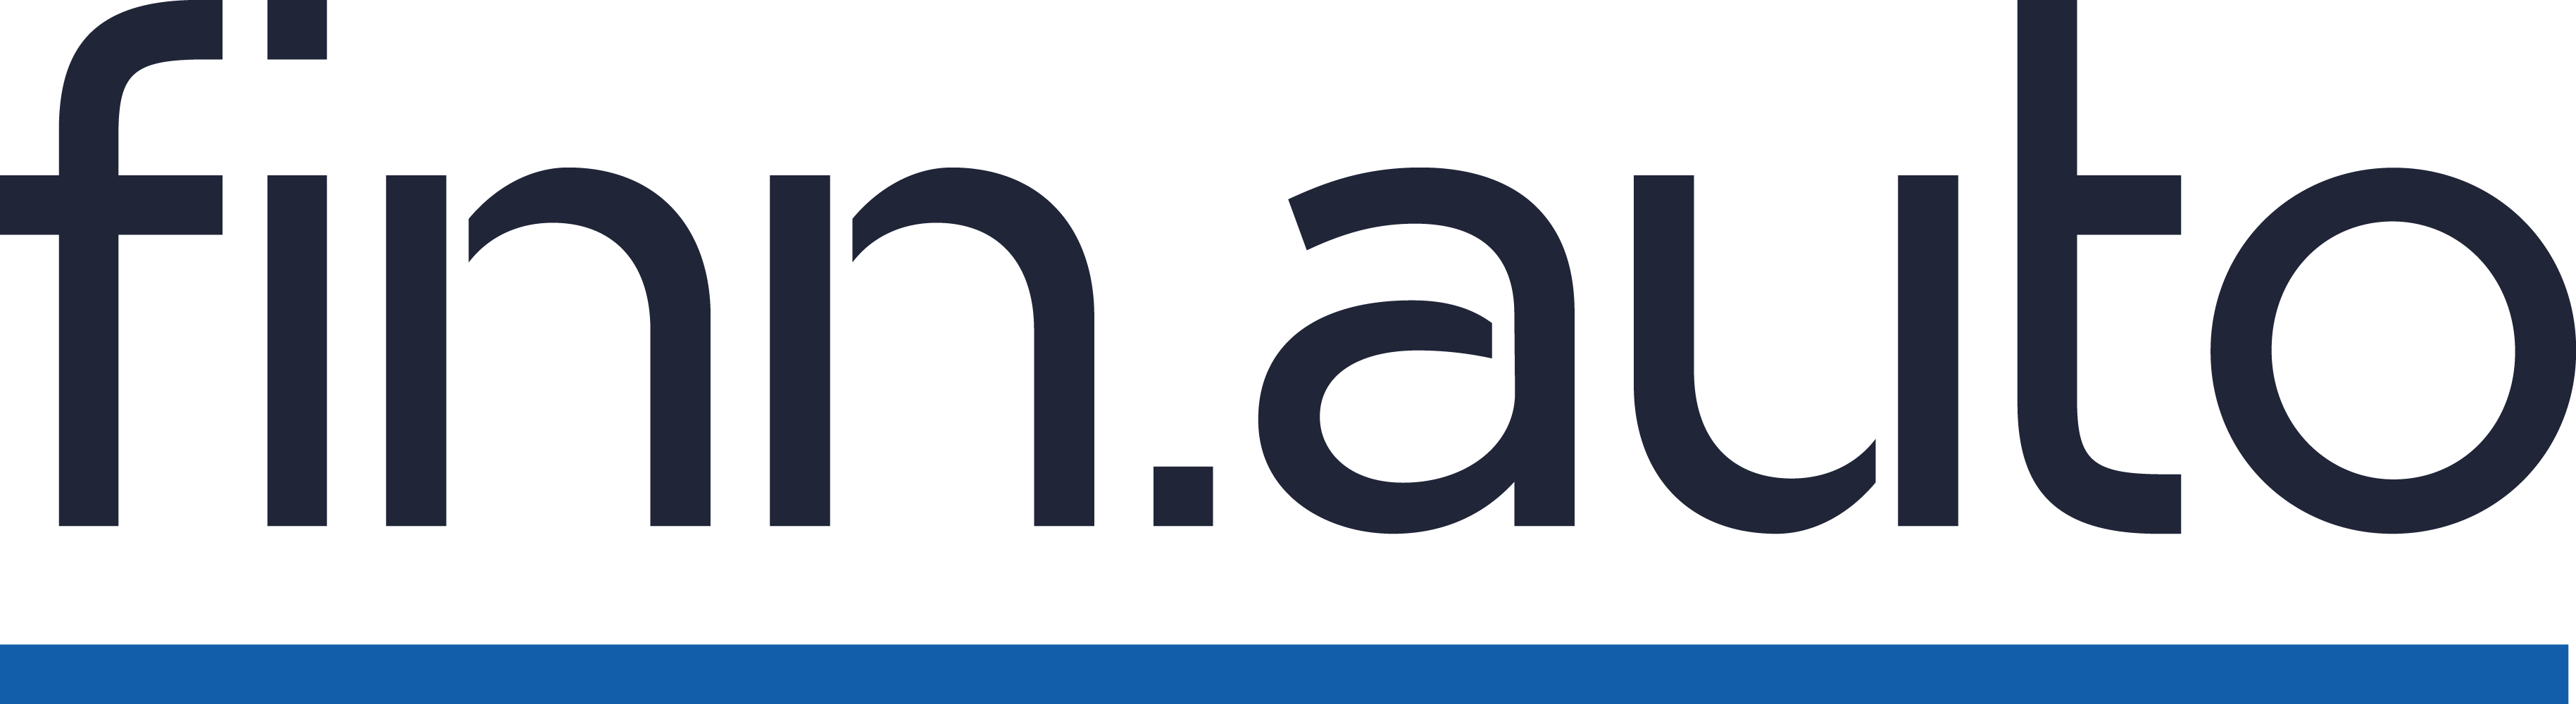 finn.auto logo